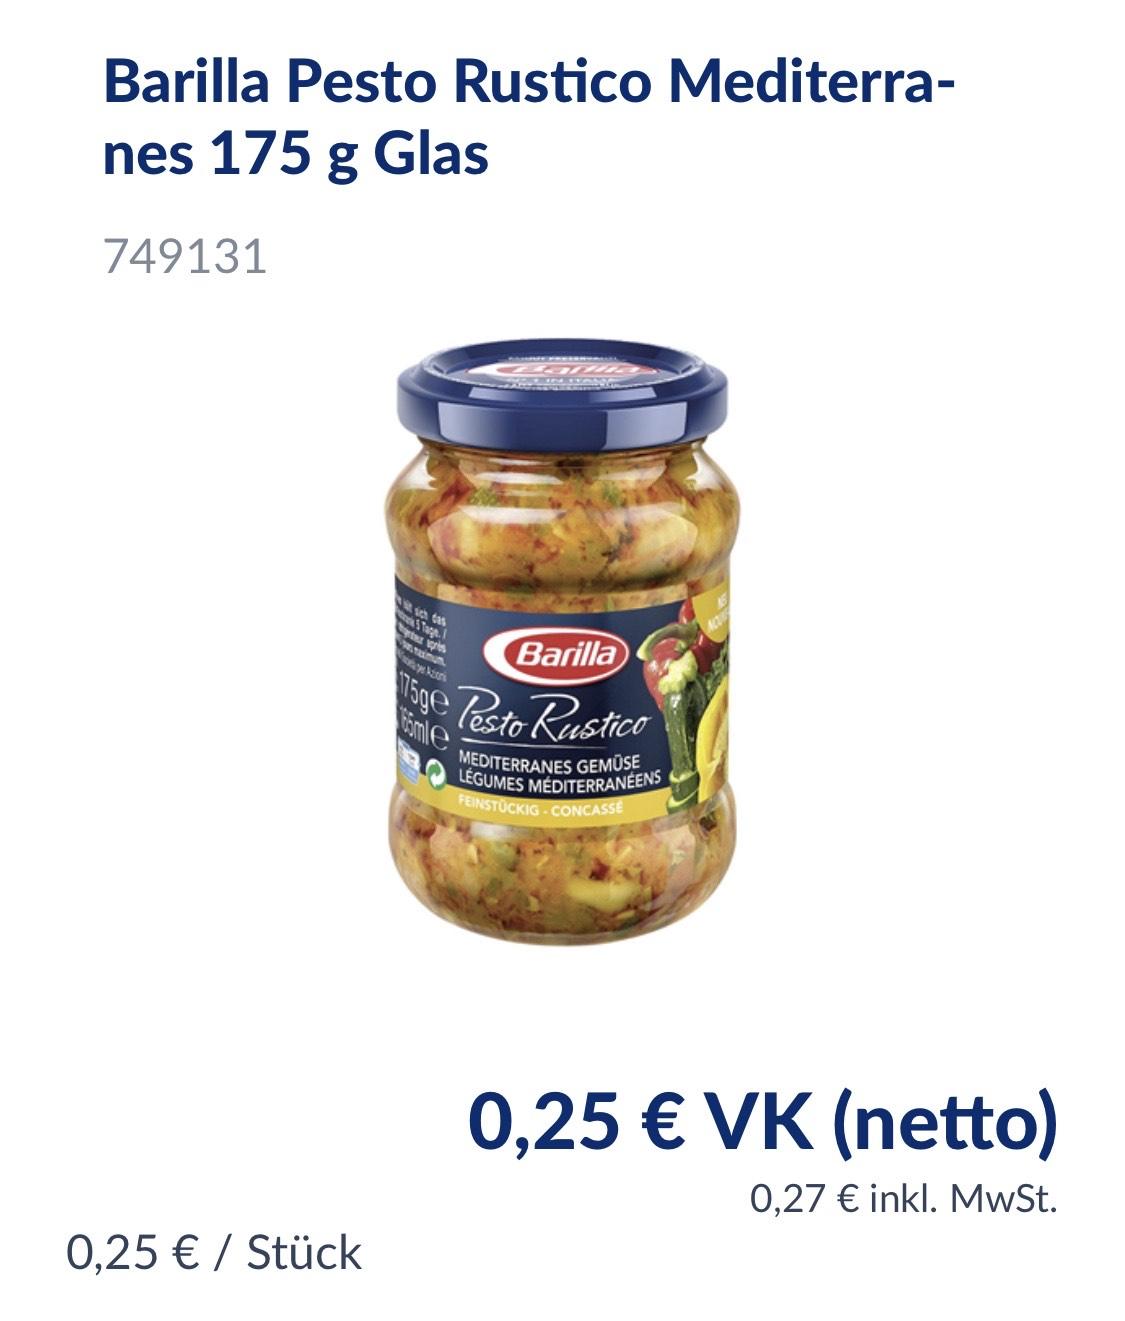 [Metro] Barilla Pesto Rustico Mediterranes 175 g Glas